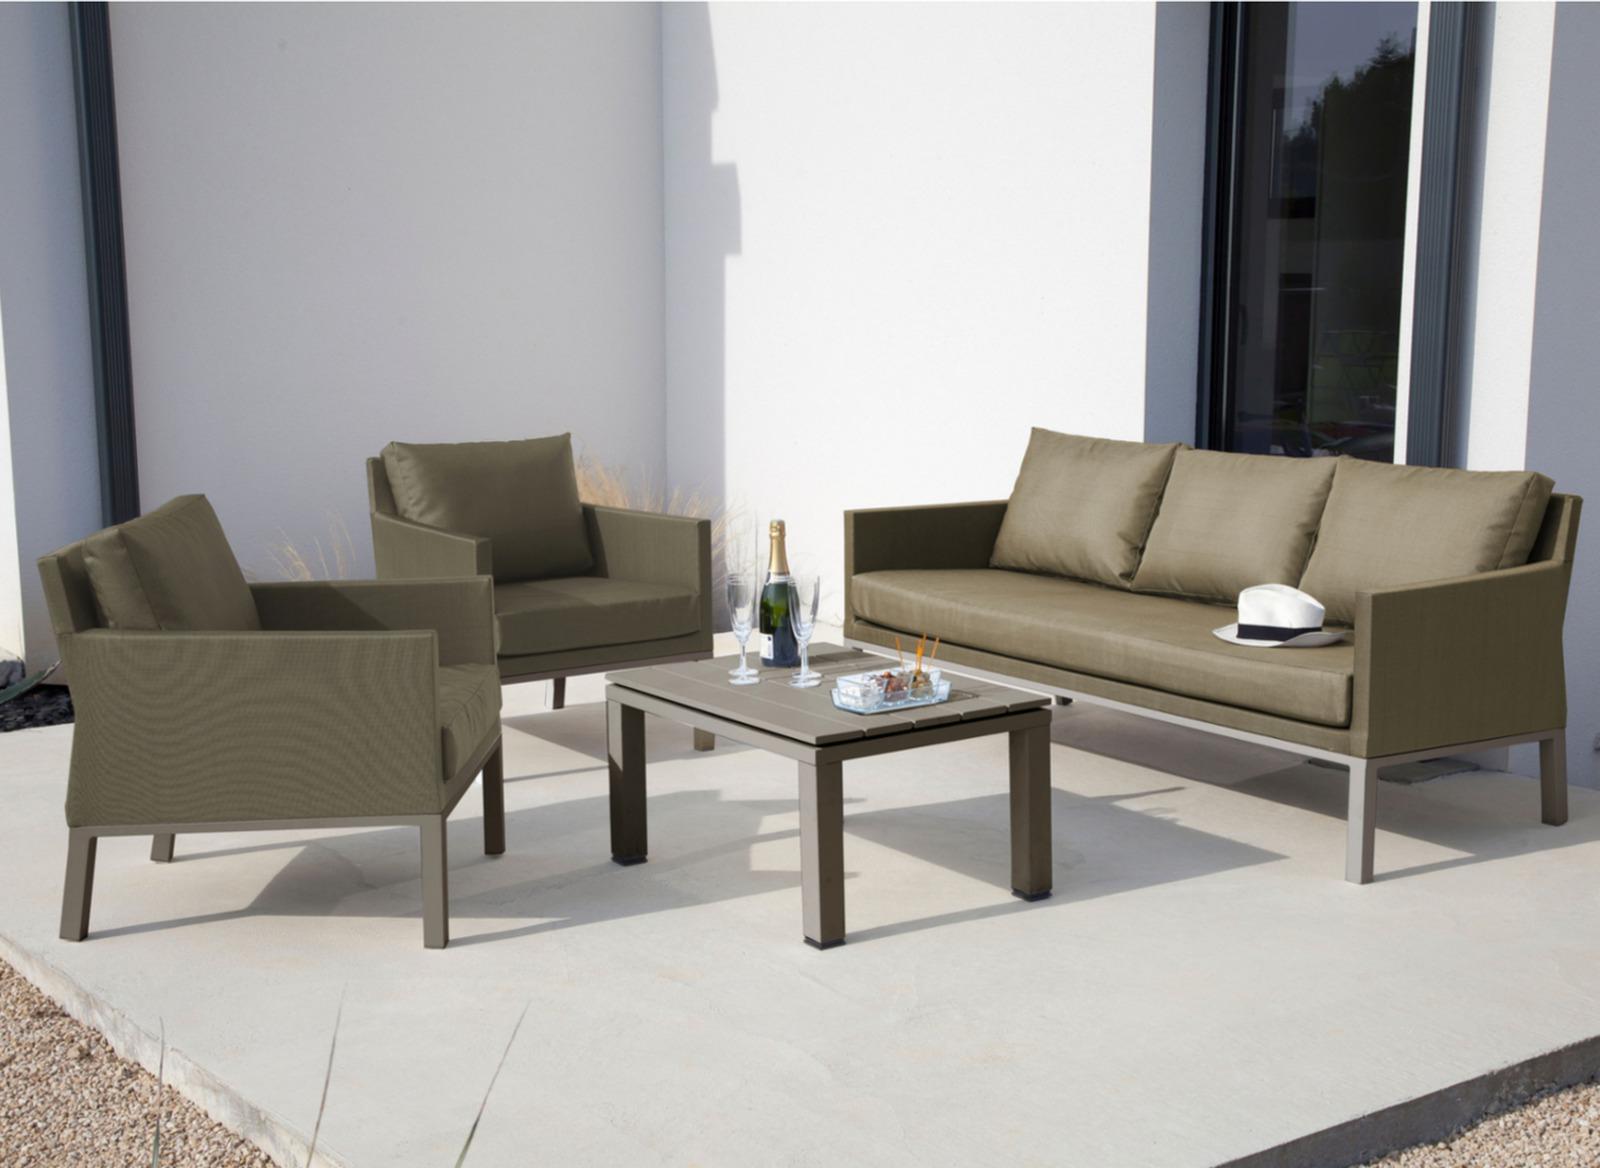 Salon de jardin canapé, fauteuils + table basse Oslo - Proloisirs